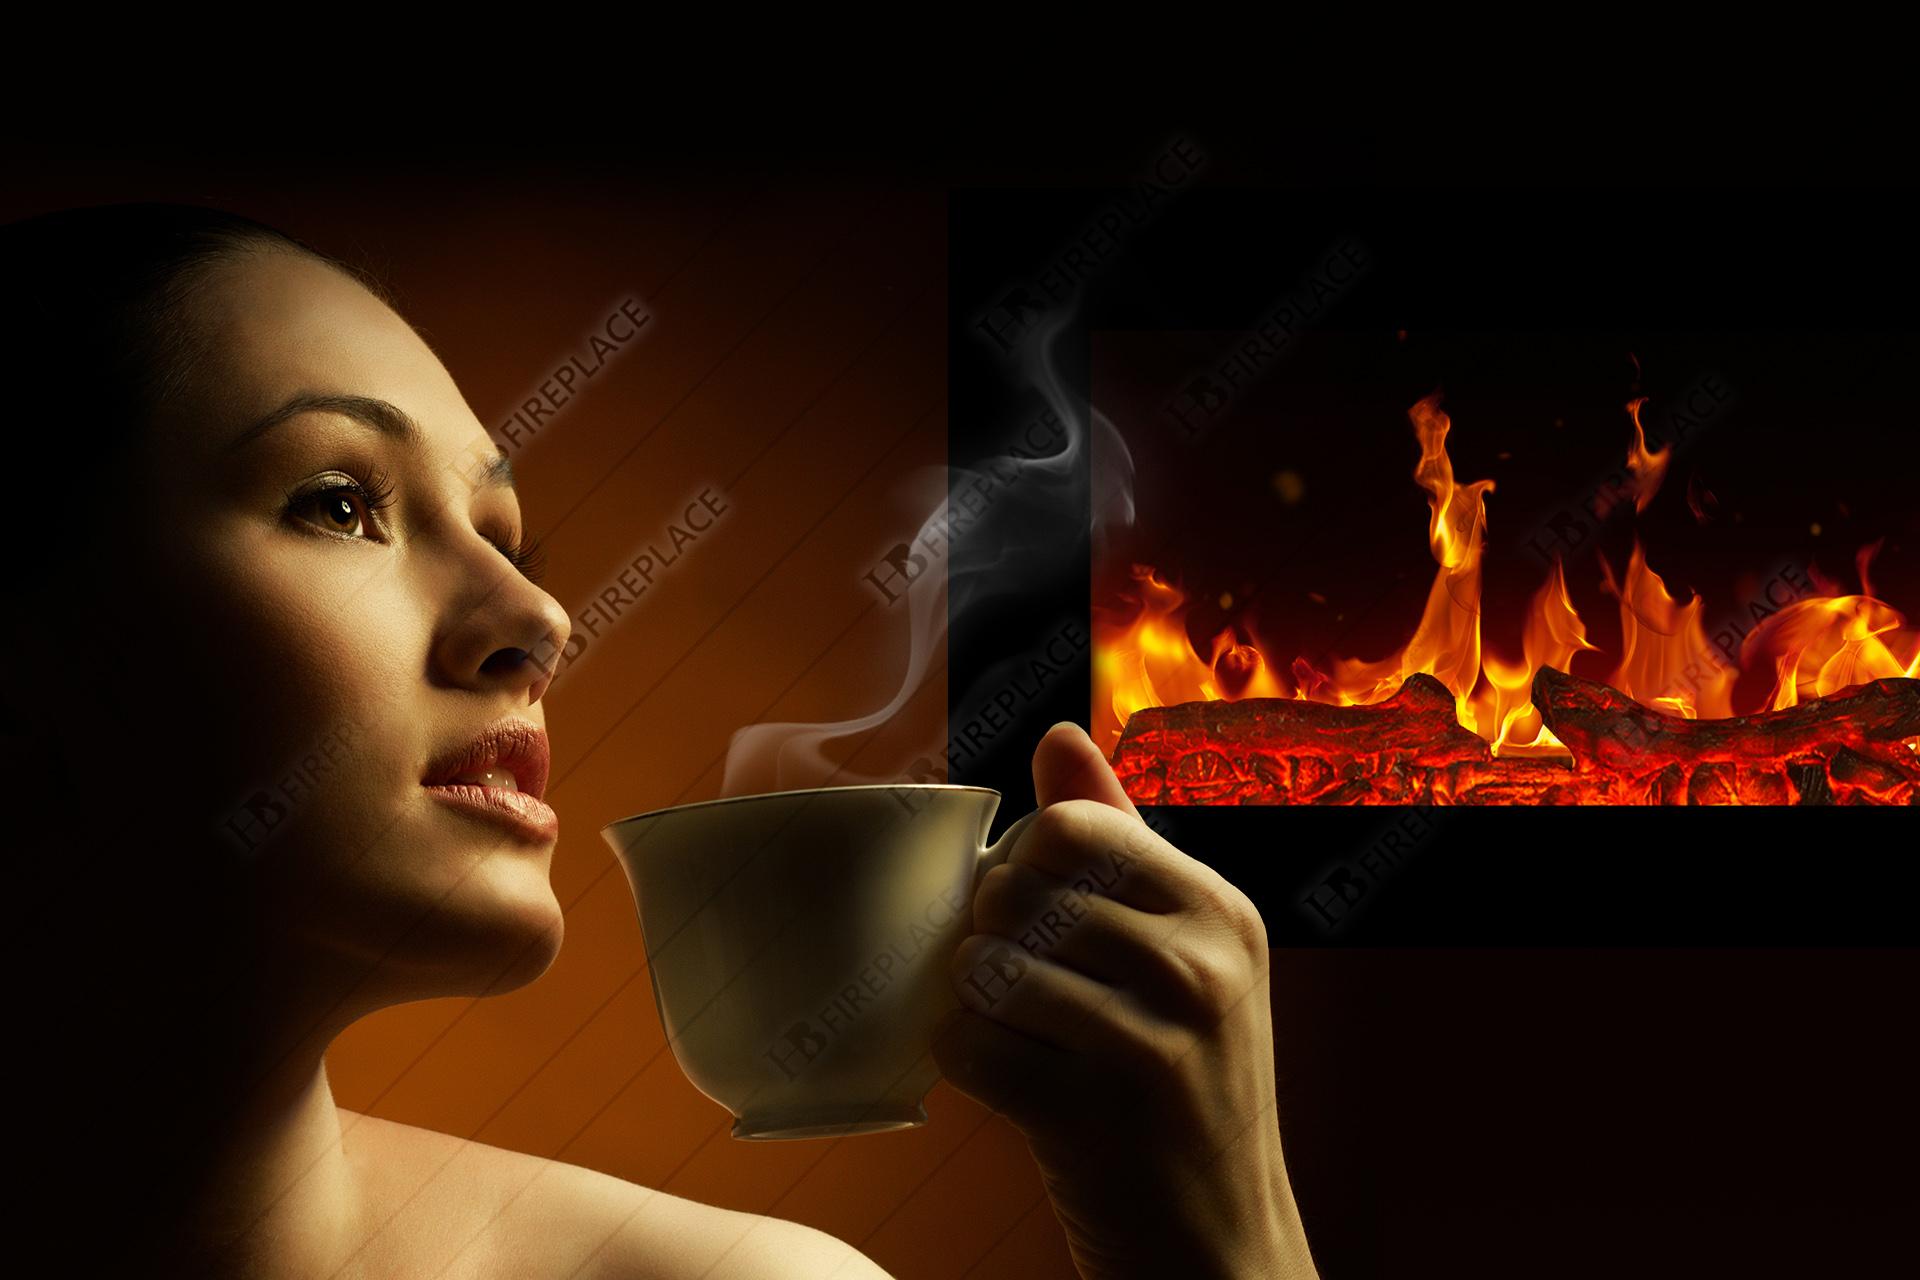 شومینه | شومینه برقی | اچ بی | اچ بی ۰۲۲ | شومینه ال سی دی | HB-022 | HB fireplace | electric fireplace